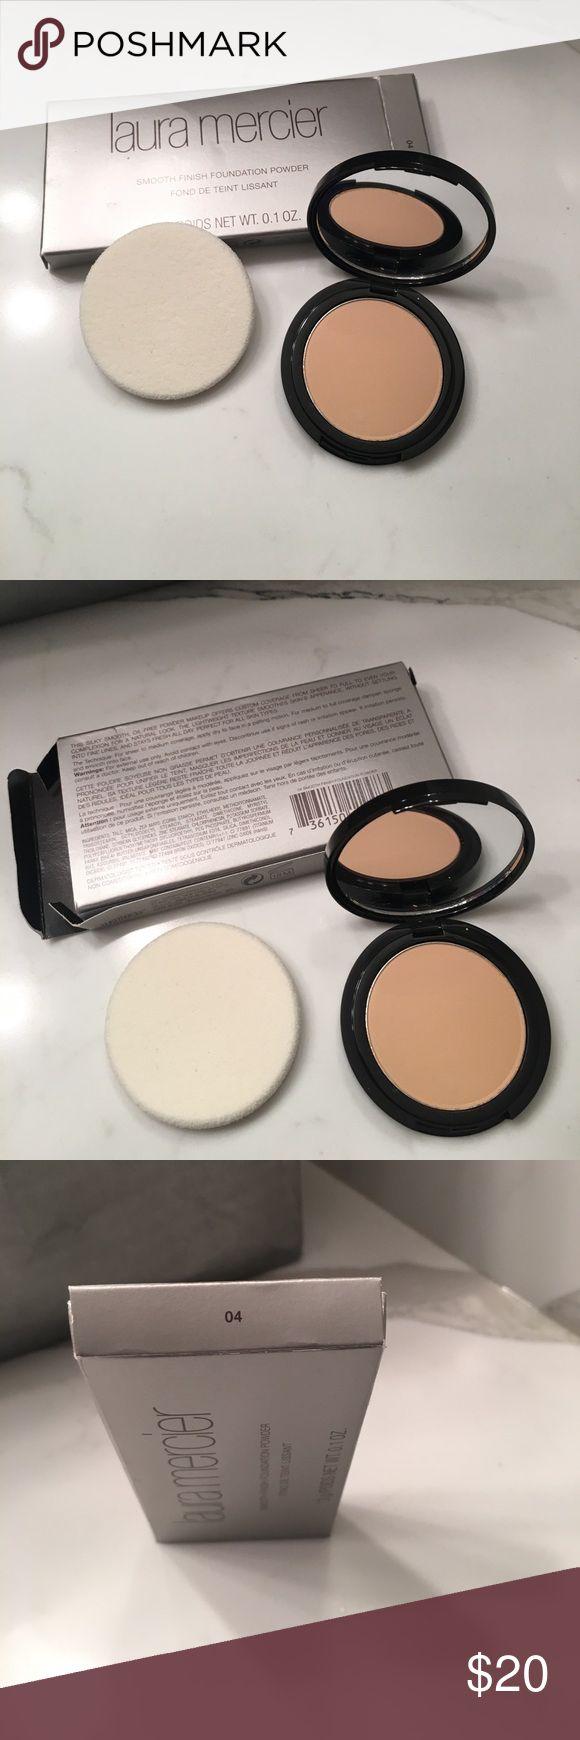 New in box- Laura Mercier foundation powder- #4 New in box- Laura Mercier smooth finish foundation powder- #4.  Comes with new sponge. laura mercier Makeup Face Powder